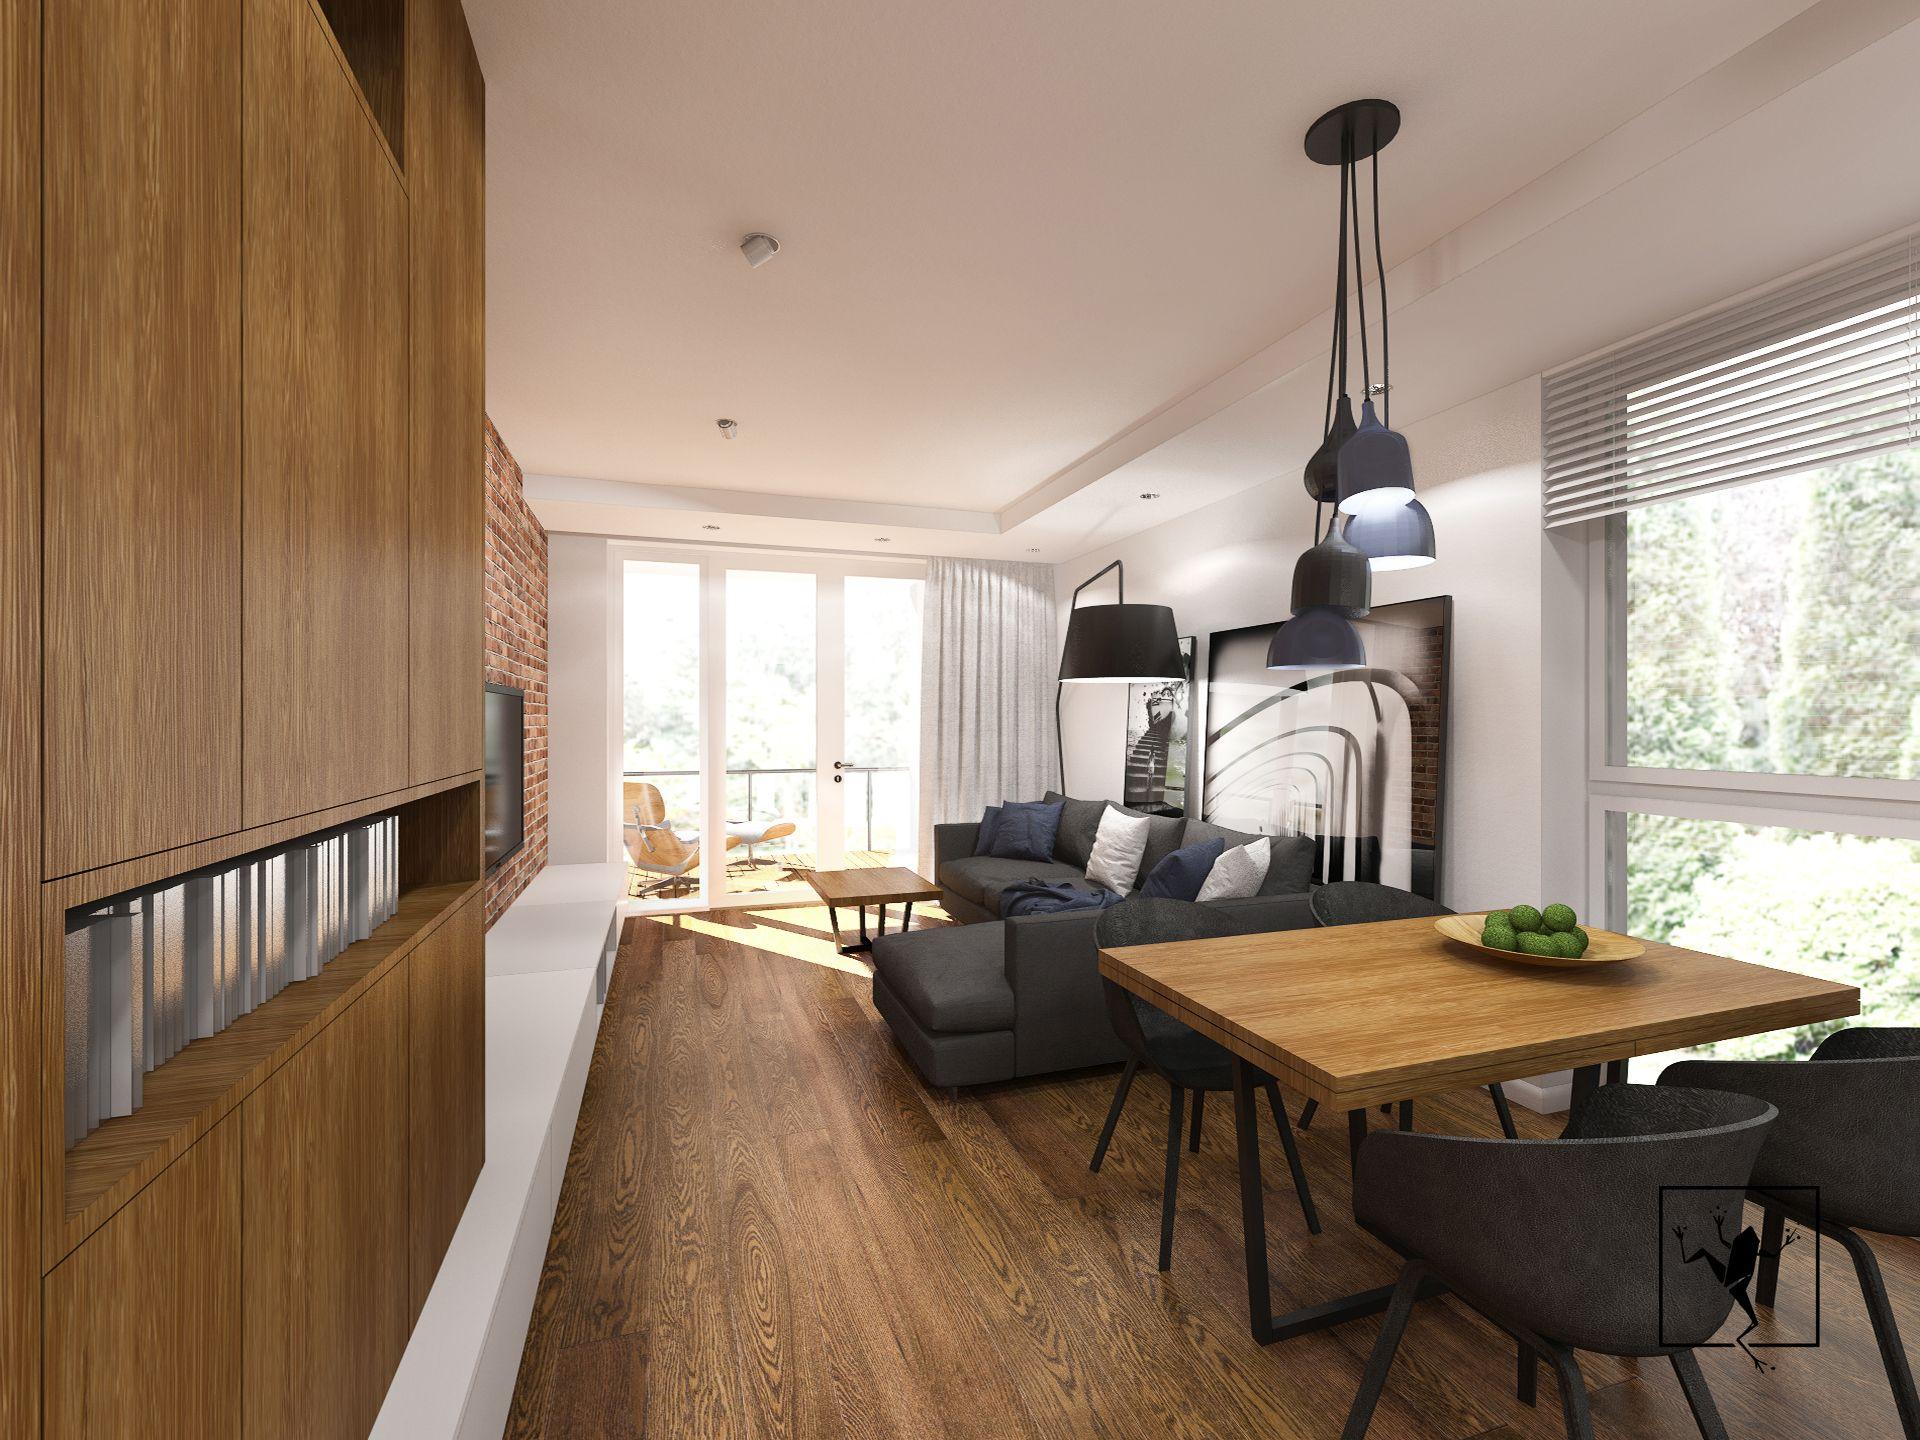 Projektowanie wnetrz kielce mieszkania domy frog studio for Frog studio